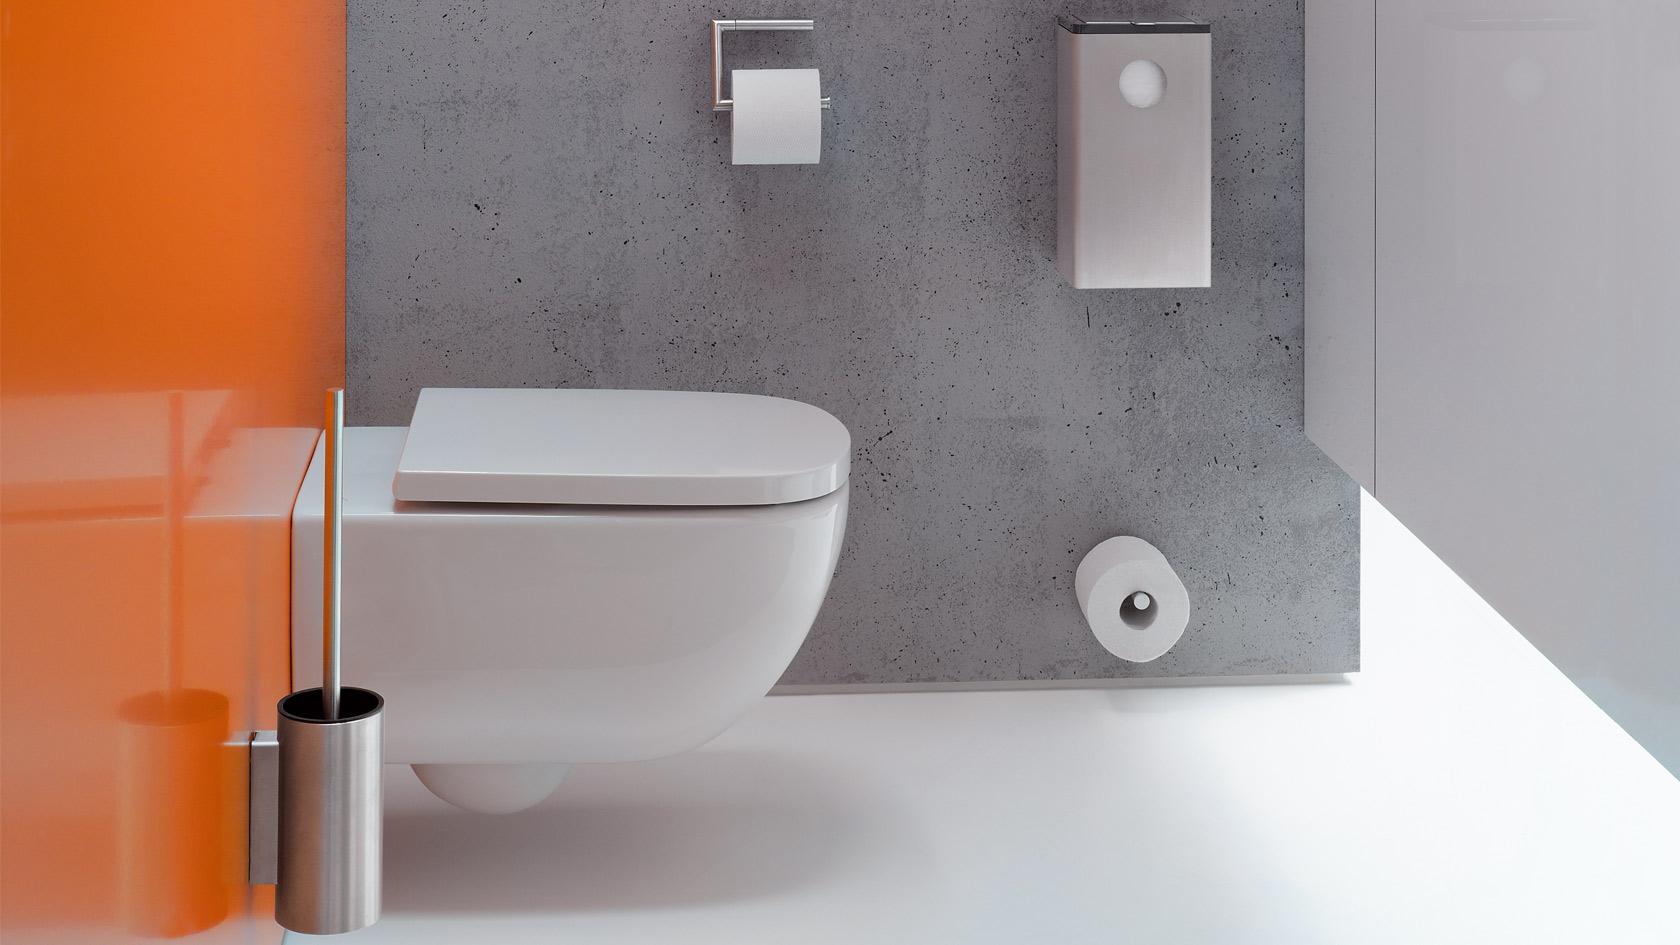 system 162 sanit r accessoires baubeschlag gradlinige formgebung hewi. Black Bedroom Furniture Sets. Home Design Ideas